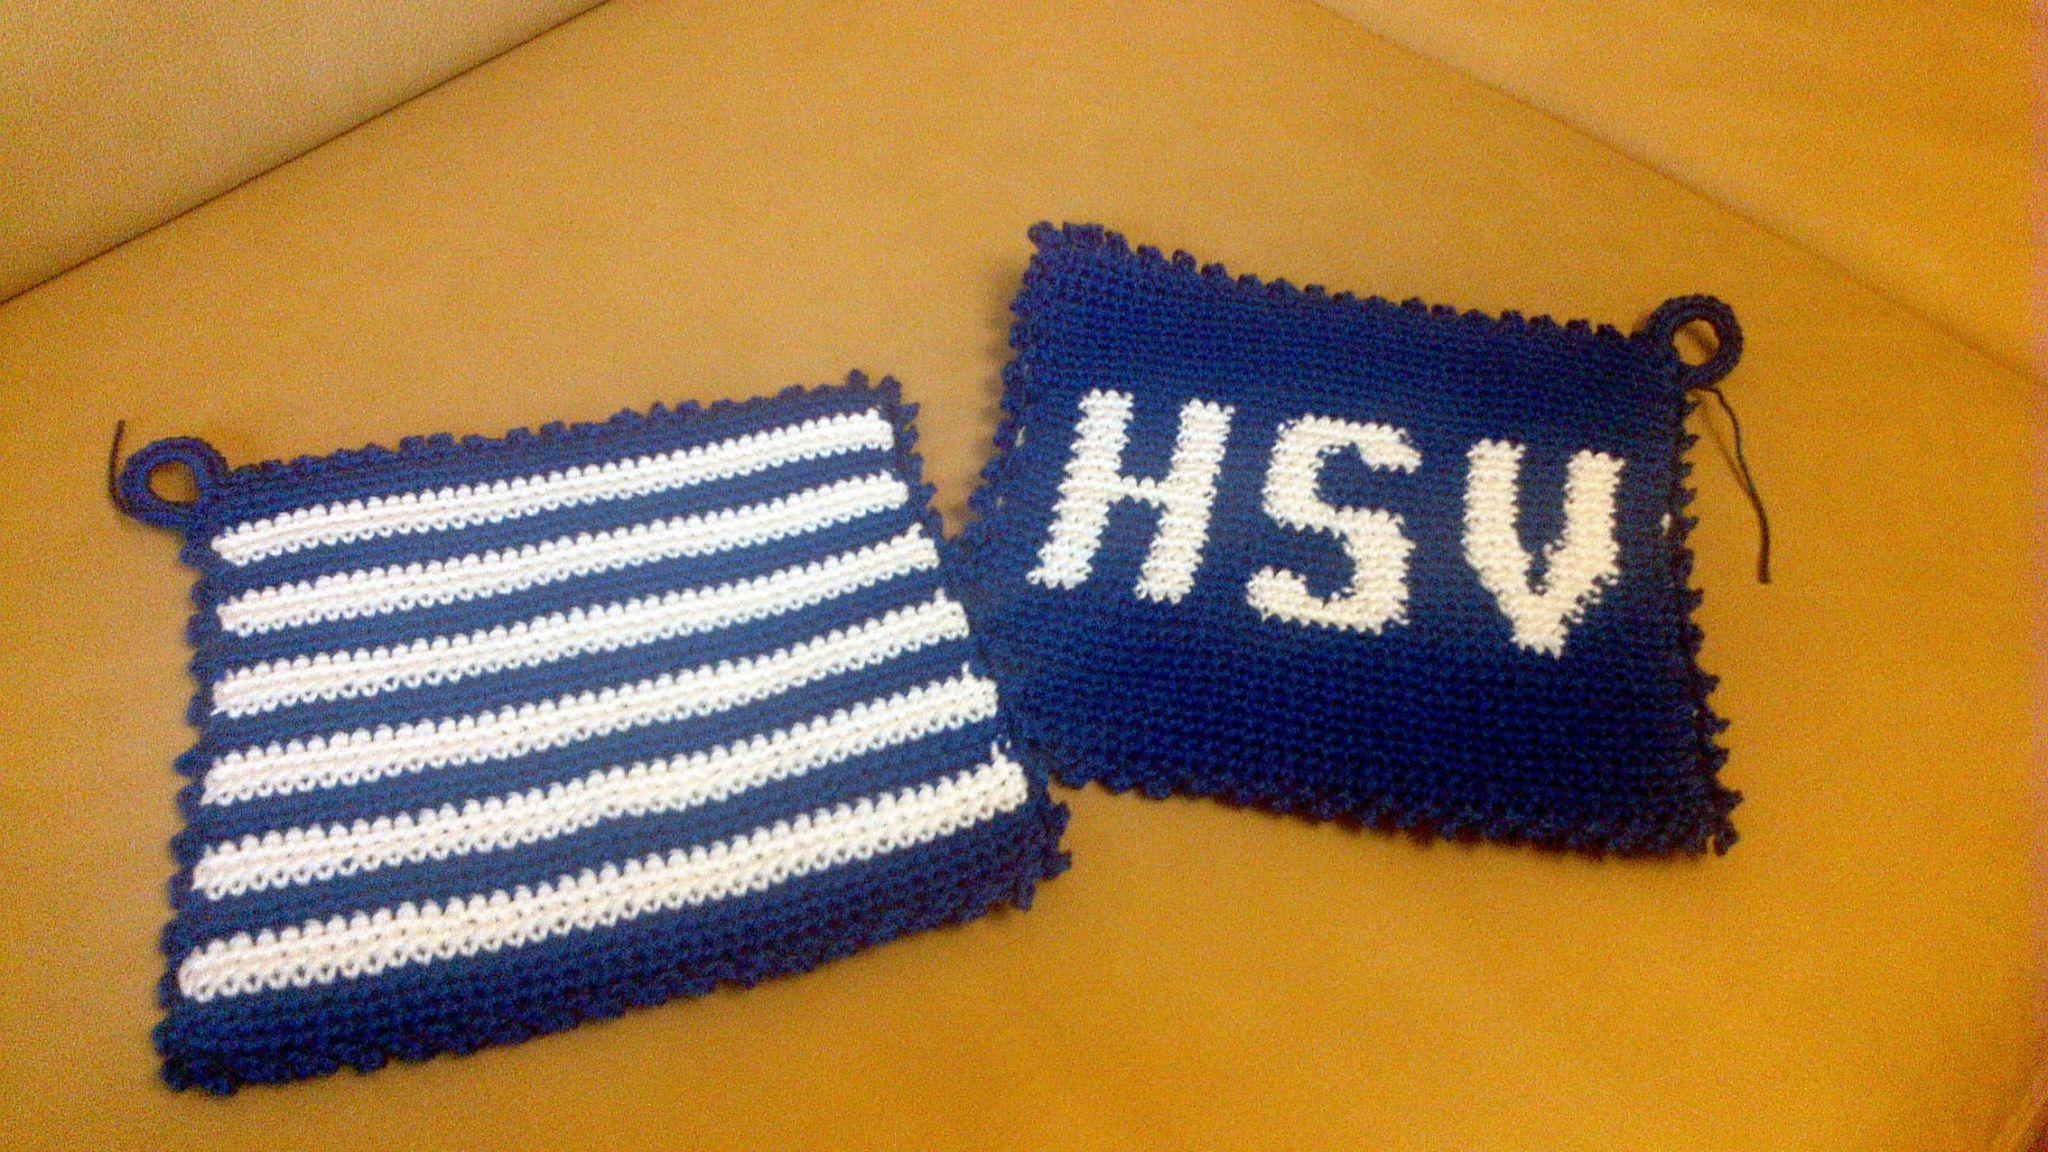 HSV topflappen | meine Werke | Pinterest | Hsv, Topflappen und Freebooks